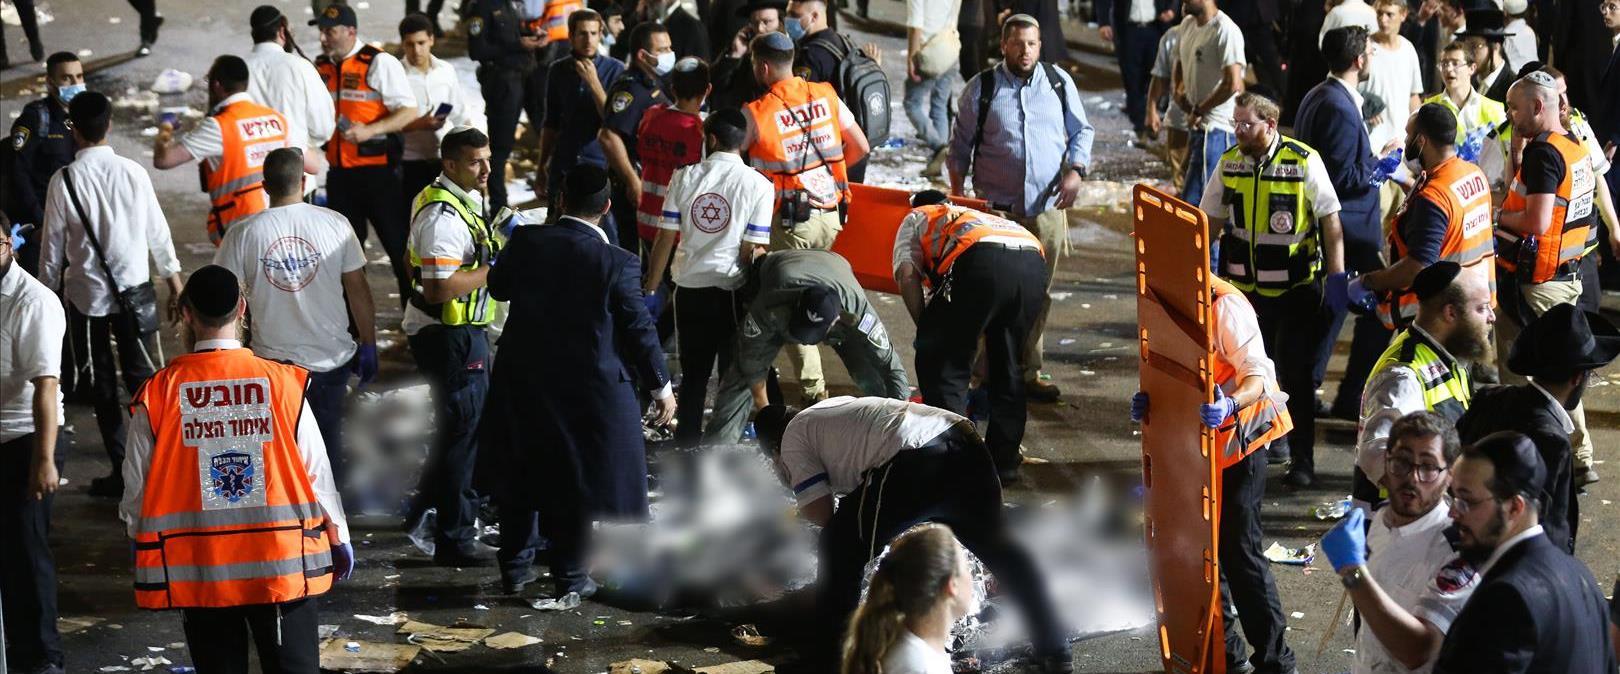 זירת פינוי הפצועים וההרוגים באסון בהר מירון, 30.4.